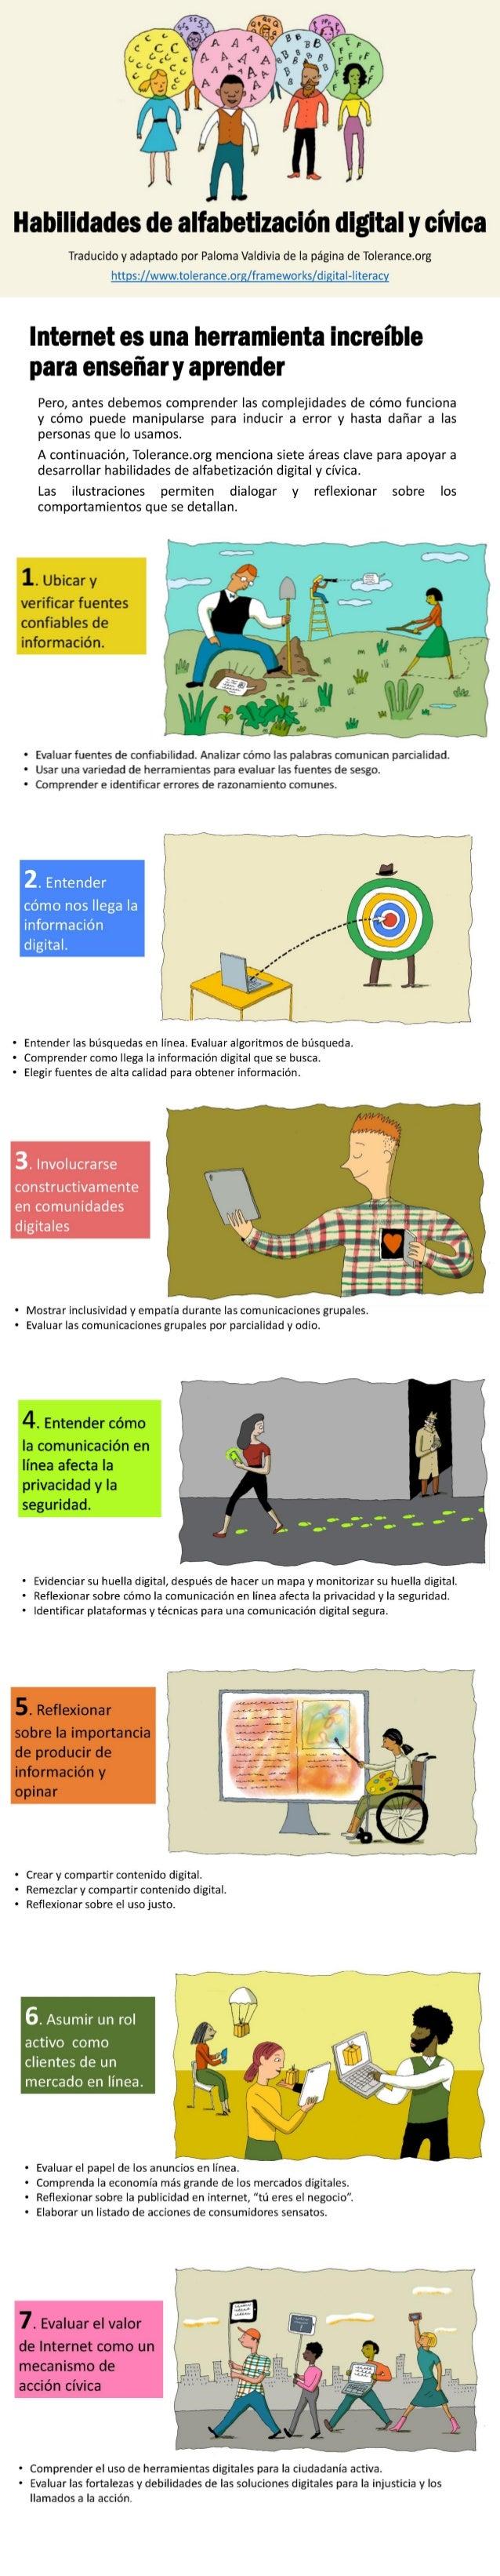 Habilidades de alfabetización digital y cívica